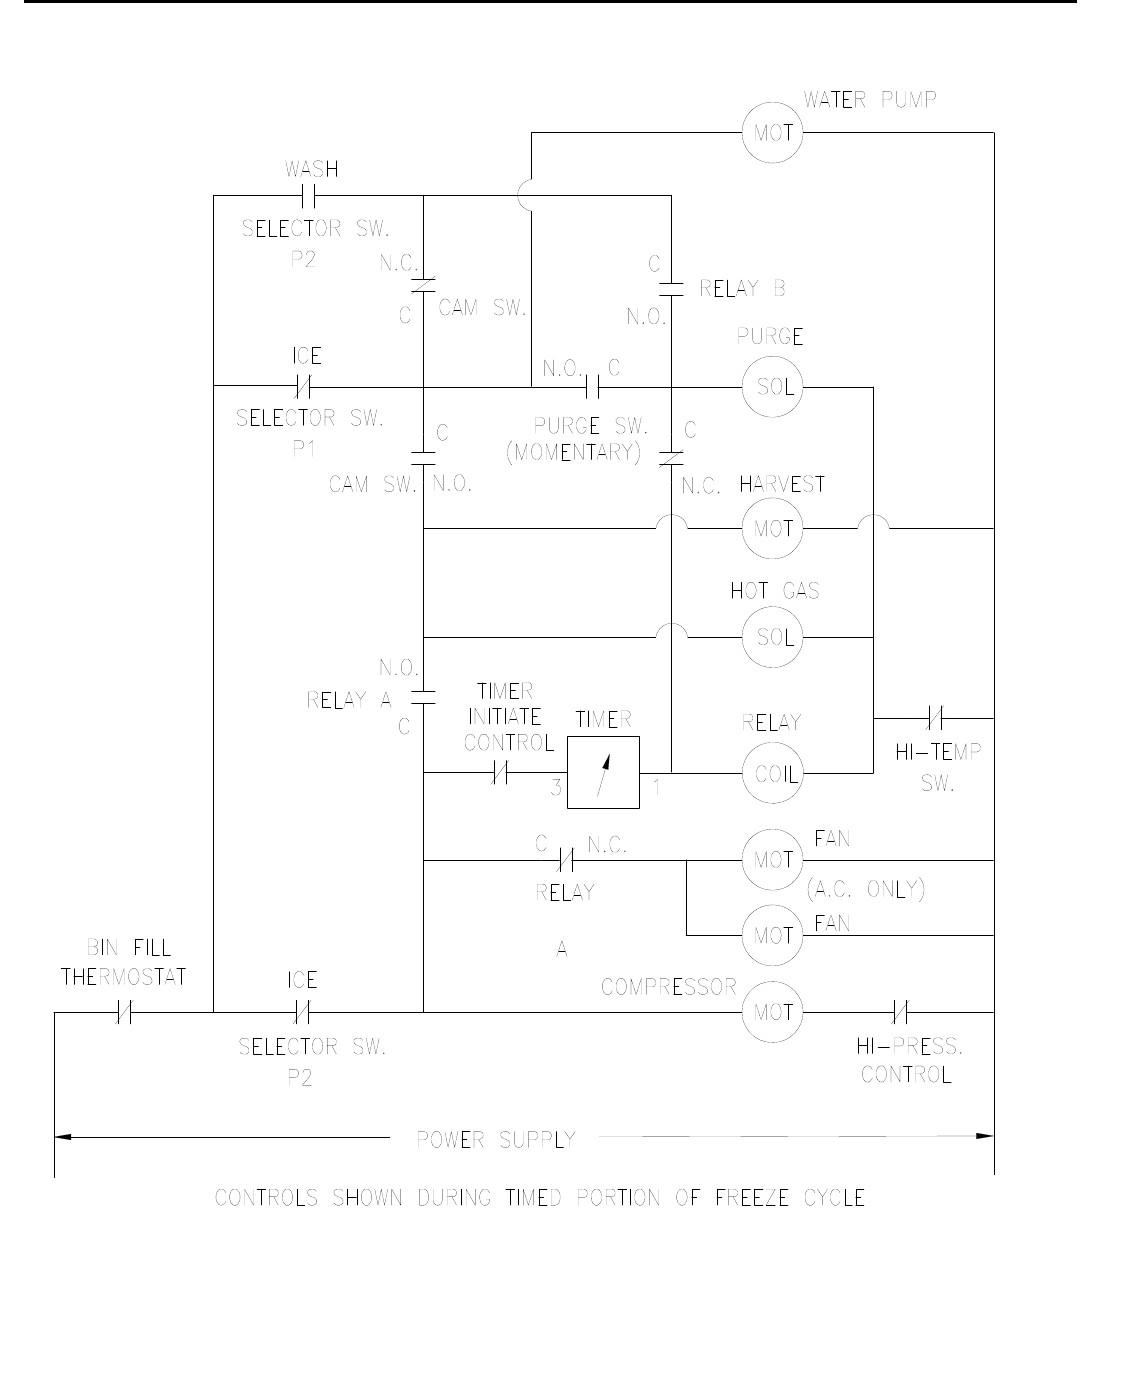 CT_9650] Hobart Wiring Diagram Wiring Diagram | Hobart Dishwasher Wiring Diagram Ft 900 |  | Grebs Minaga Impa Rele Mohammedshrine Librar Wiring 101